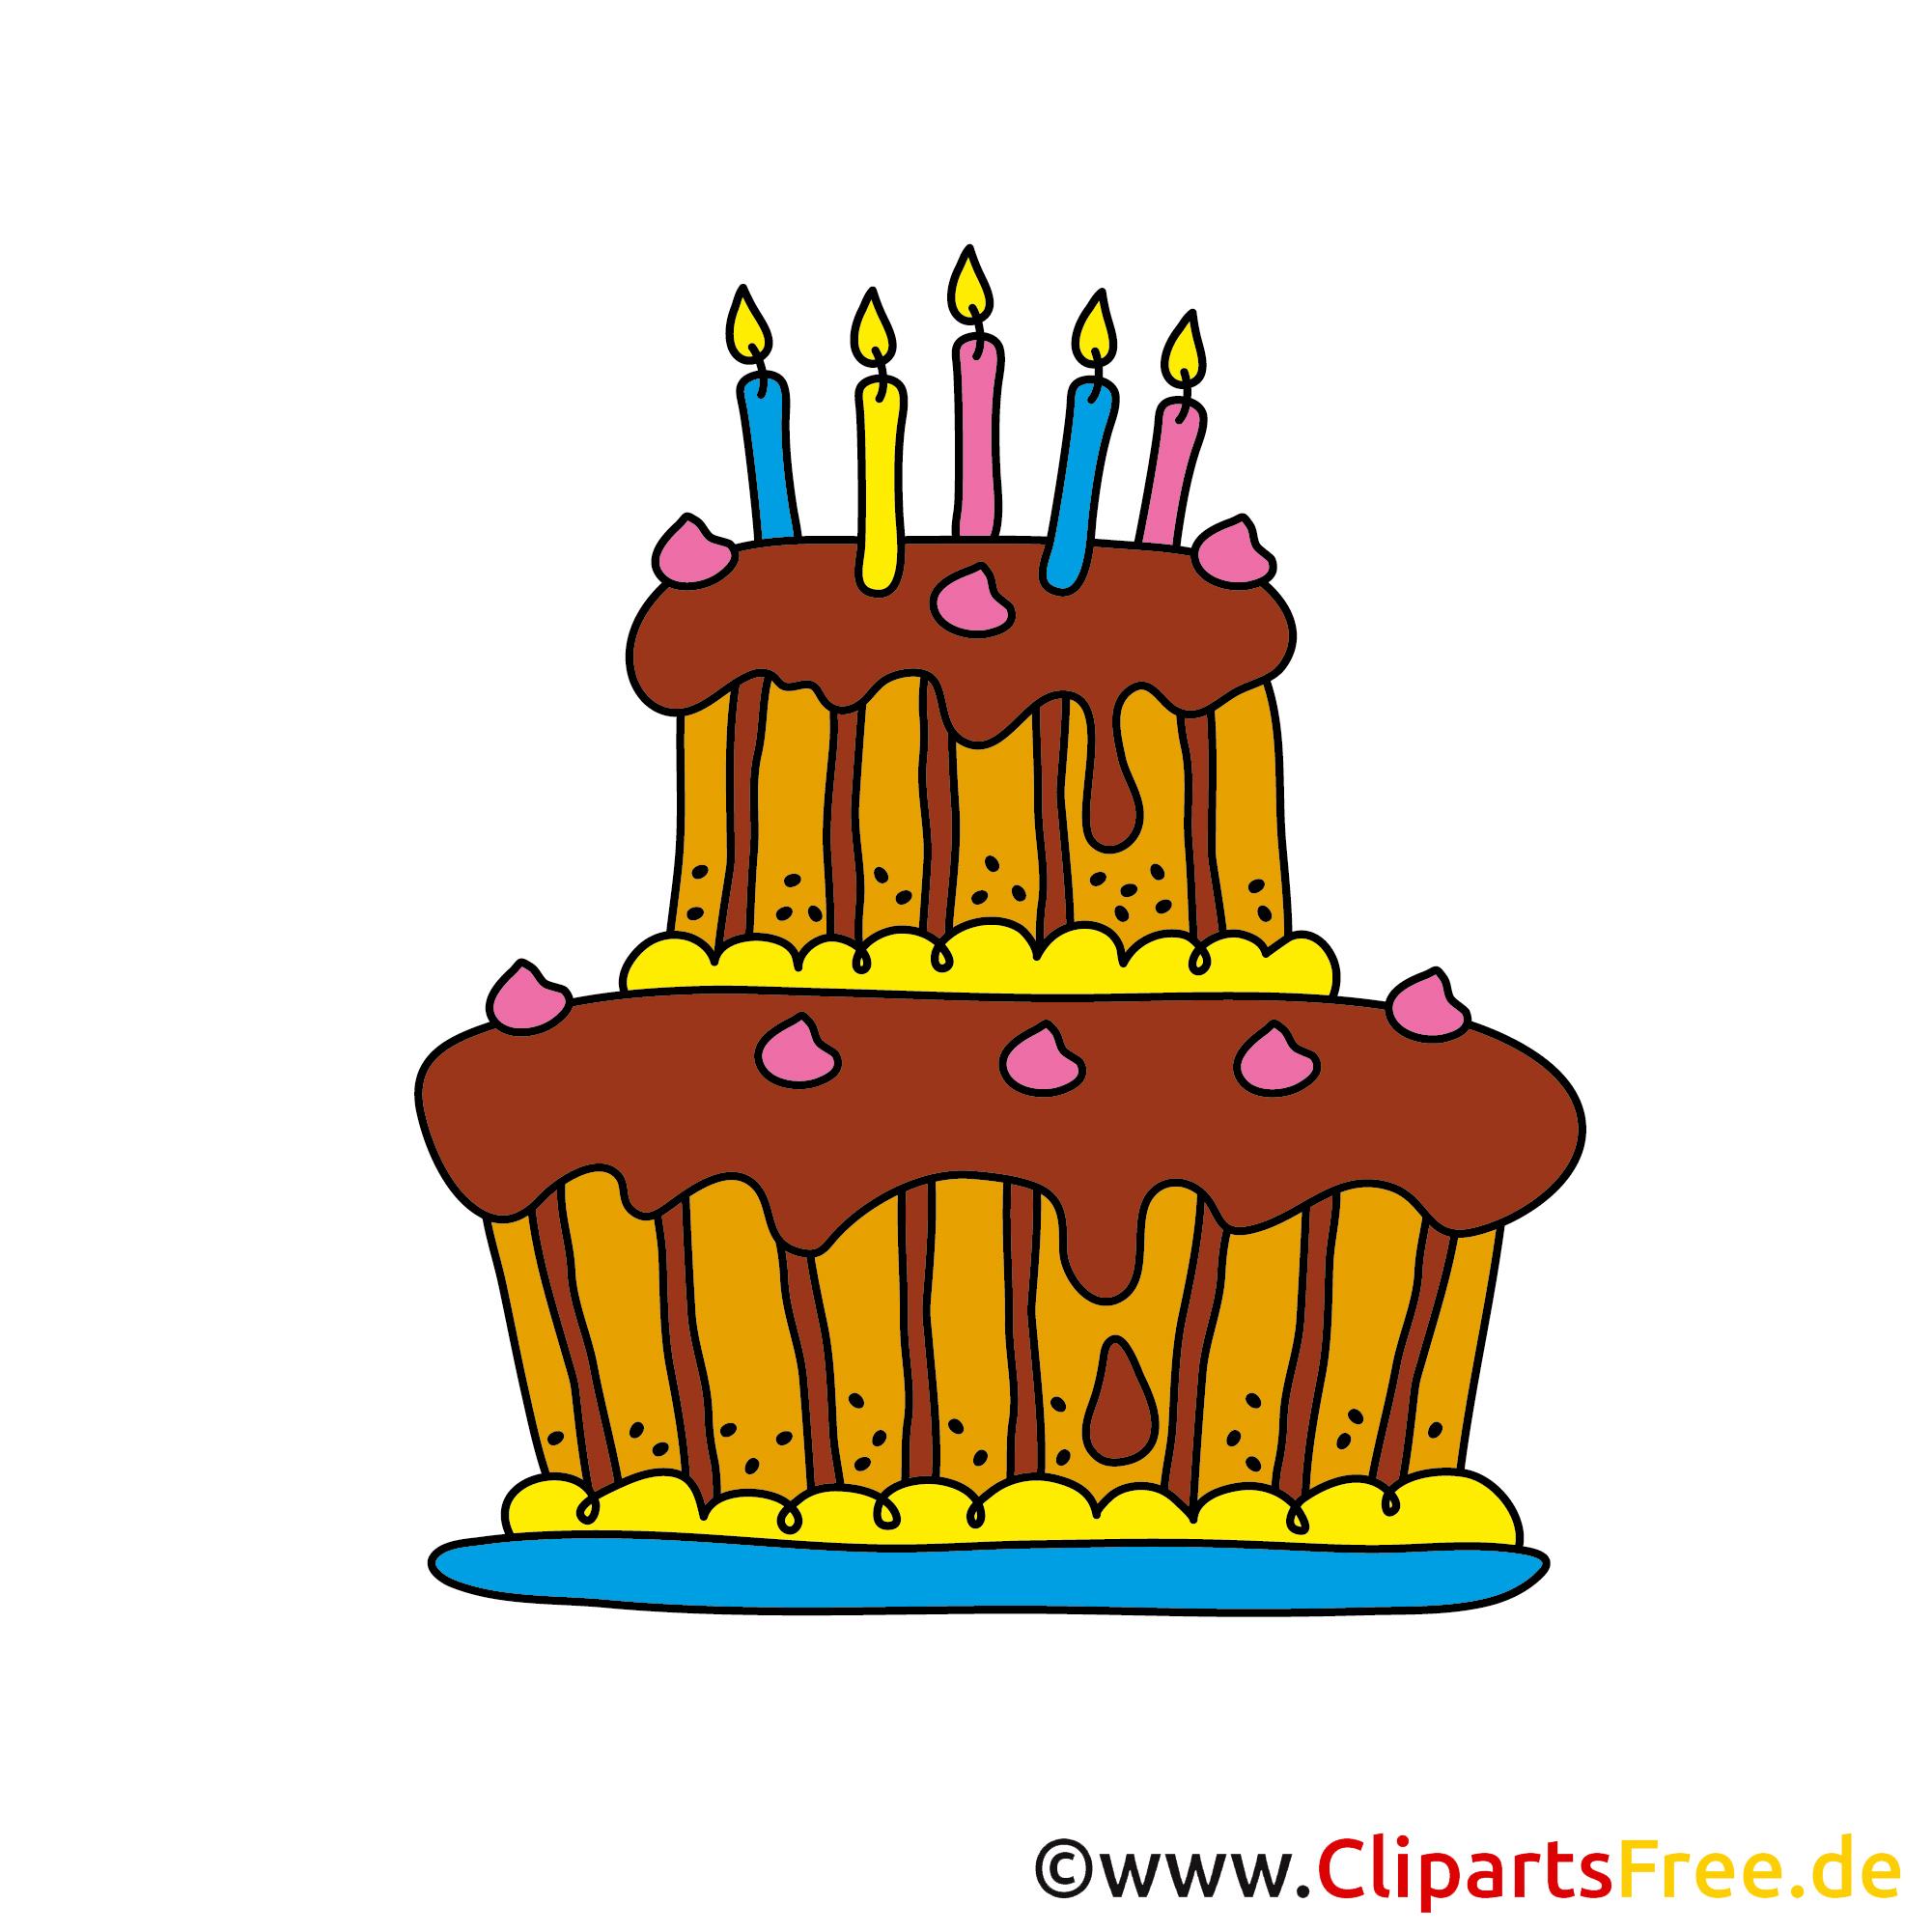 Gratis Malvorlagen Geburtstag